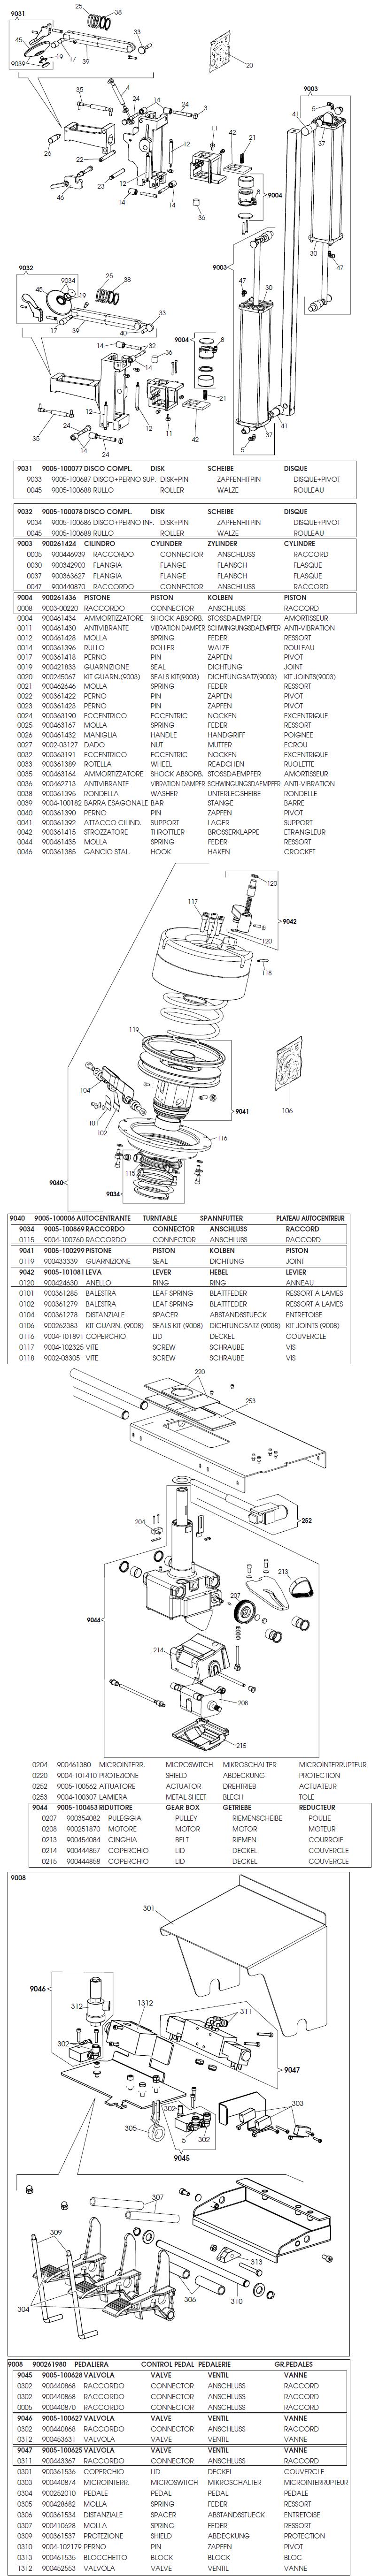 corghi artiglio master parts manual